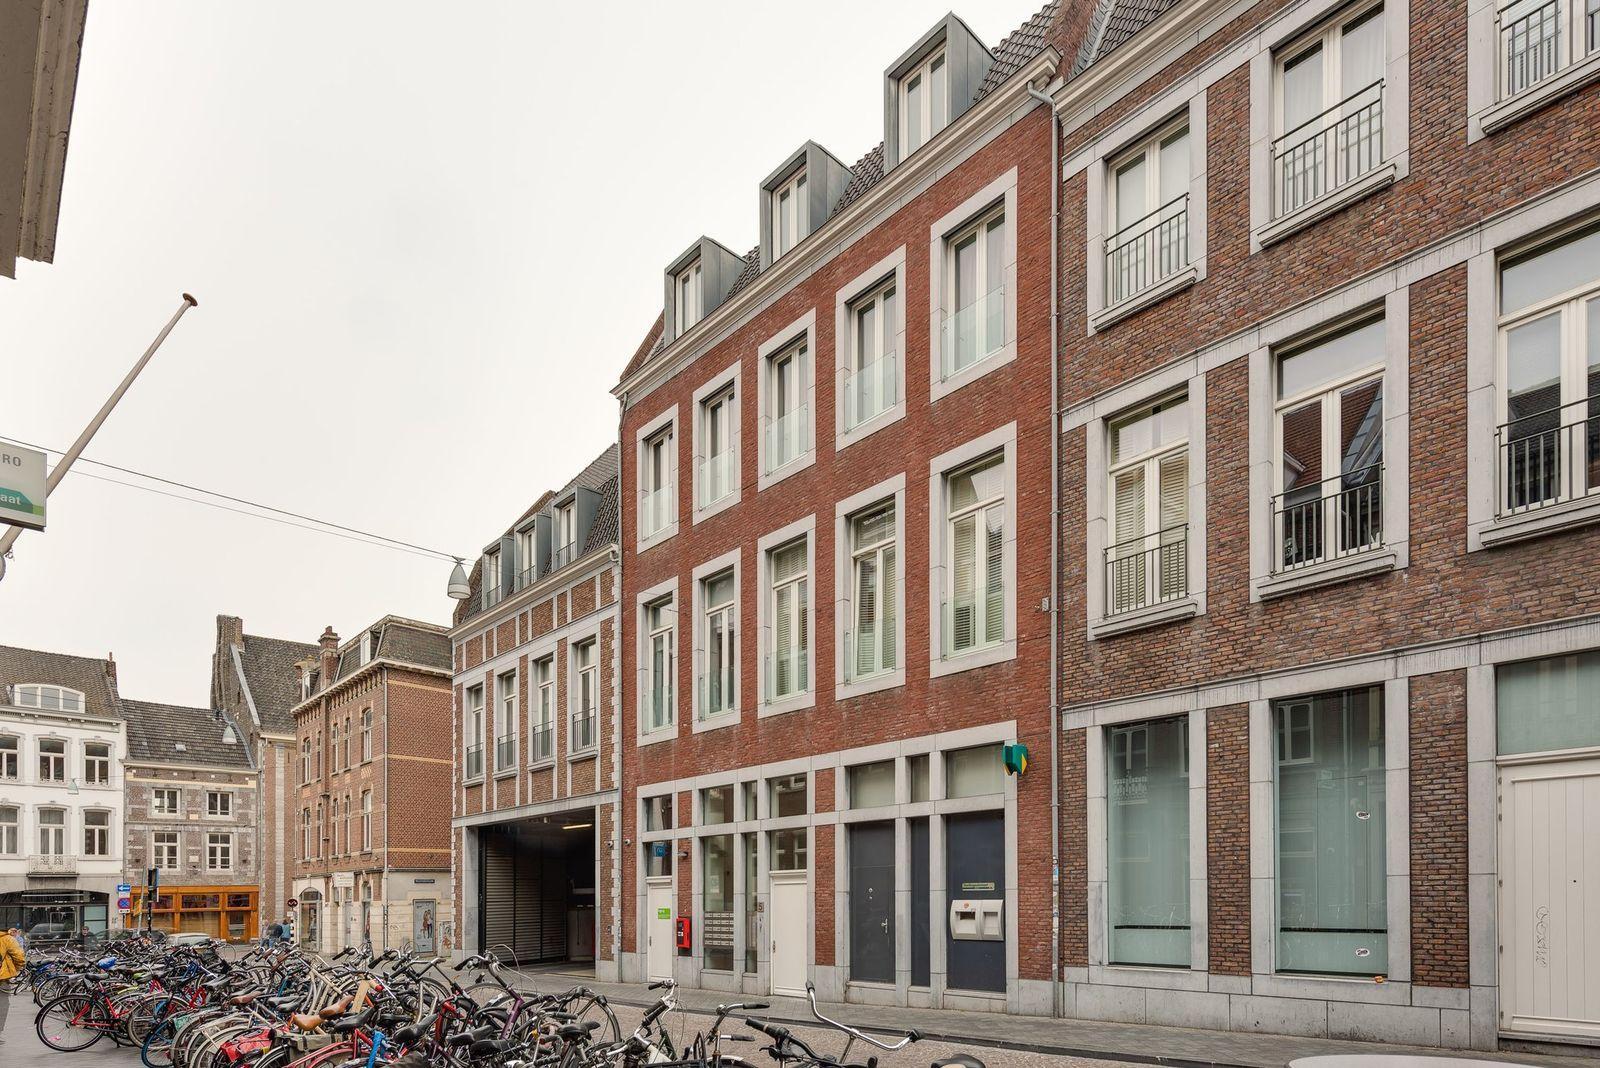 Helmstraat 5-C01, Maastricht